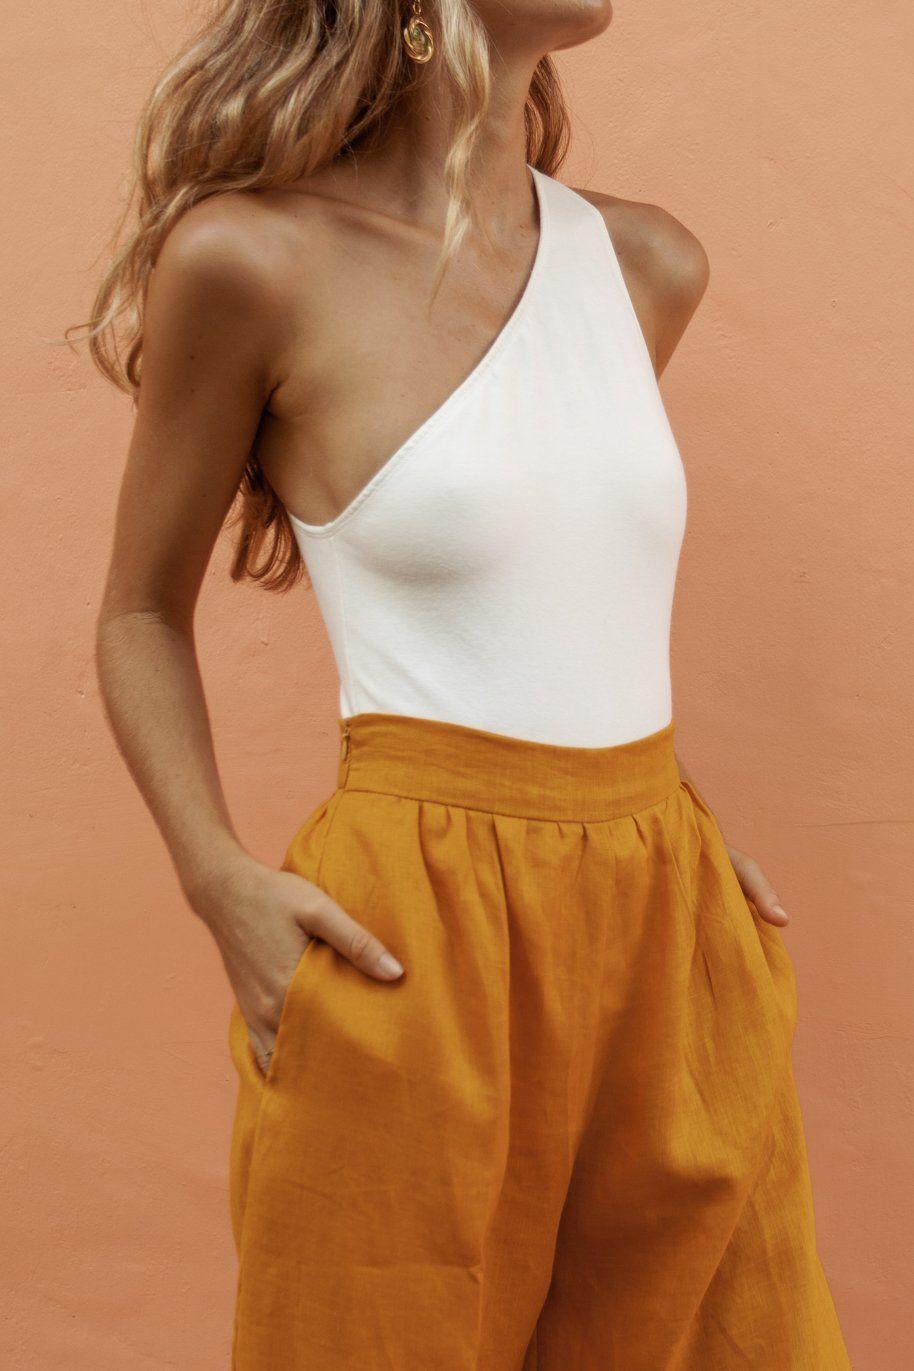 Philomena bodysuit white Bodysuit, Summer outfits, Fashion